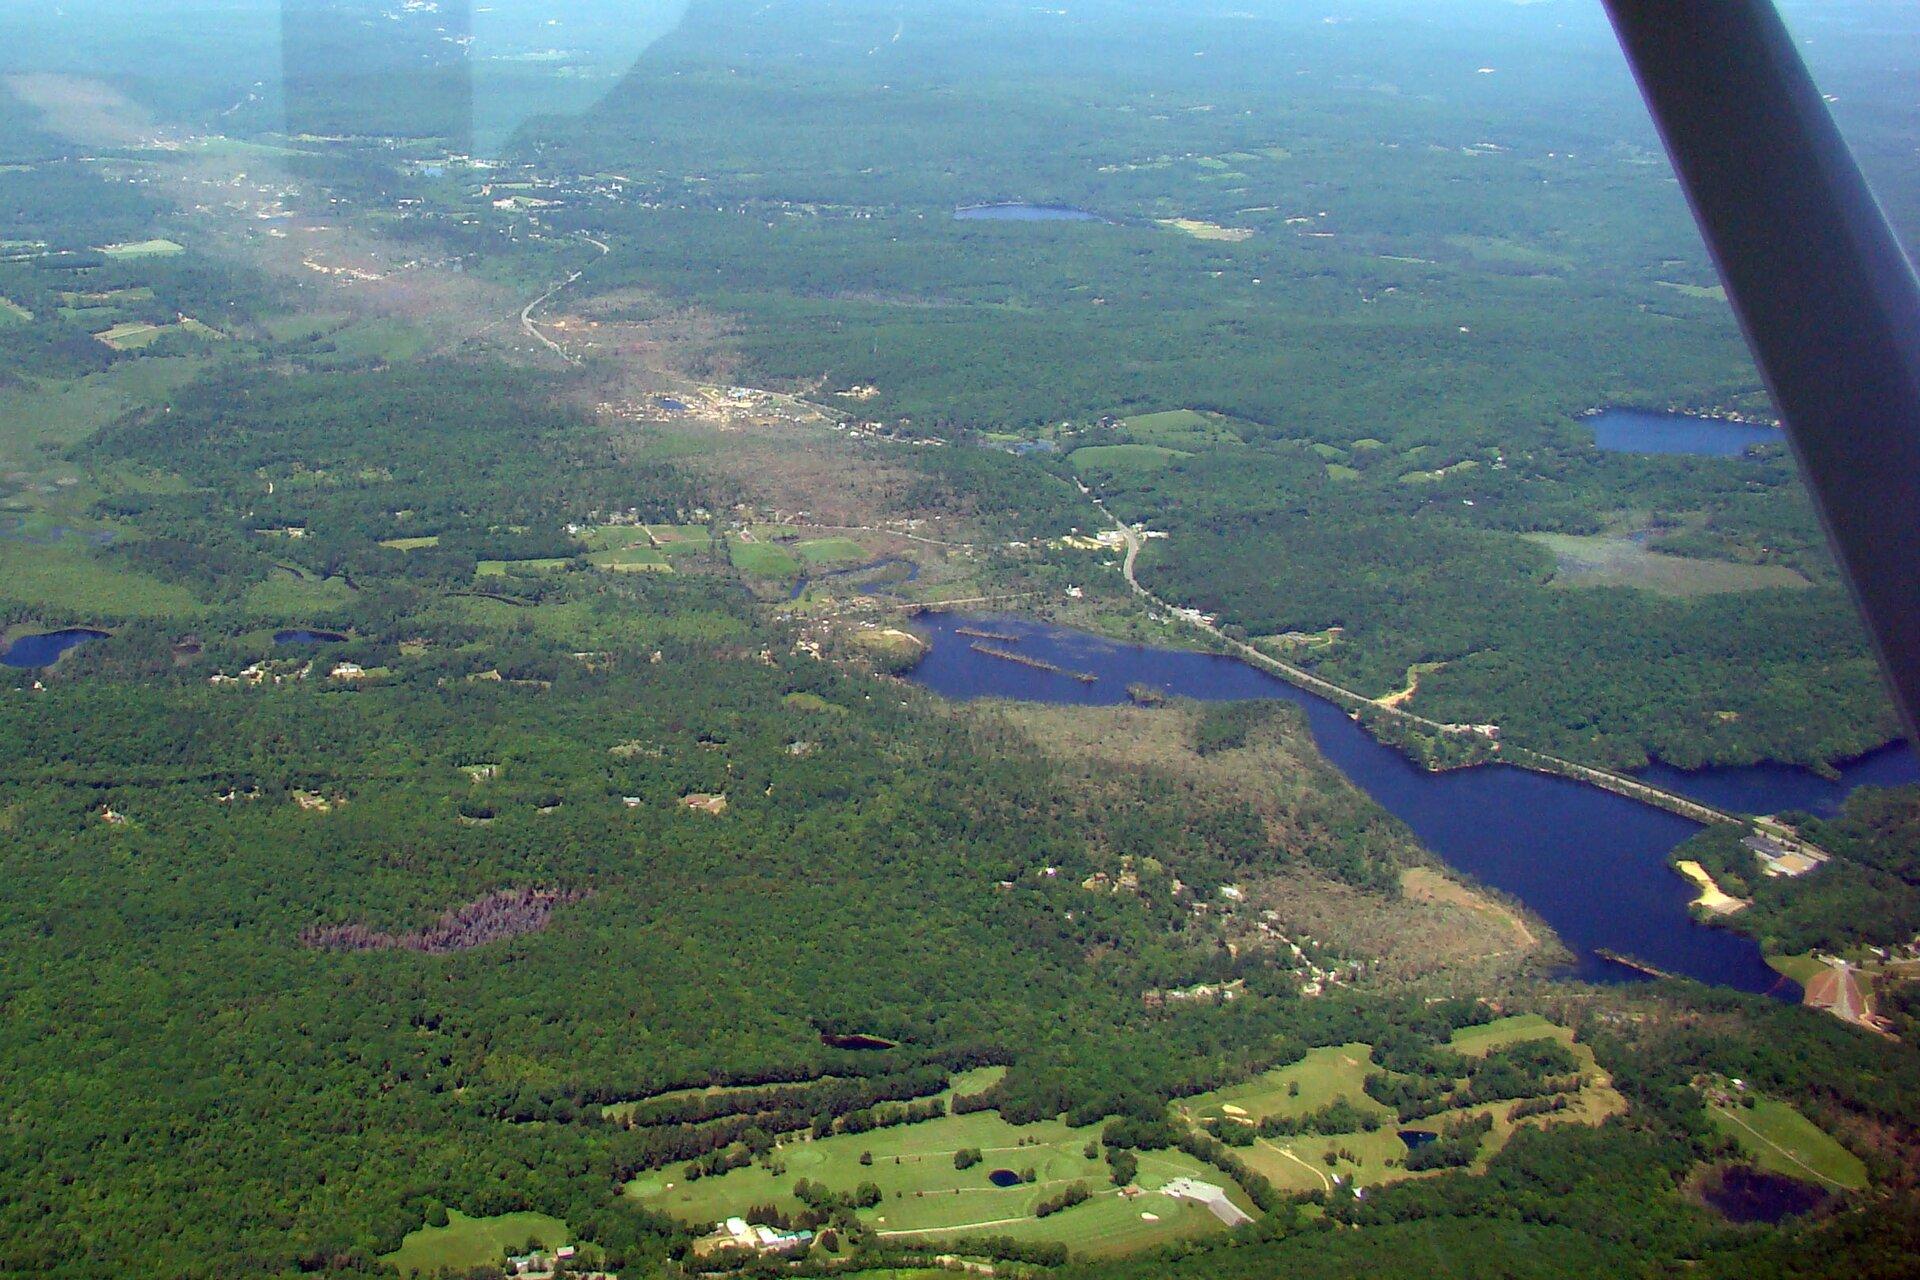 Zdjęcie przedstawia skutki przejścia trąby powietrznej nad terenem zalesionym. Od lewej strony do prawej górnej części zdjęcia przebiega szeroki pas powalonych drzew. Po obu stronach pasa znajduje się nienaruszony las.